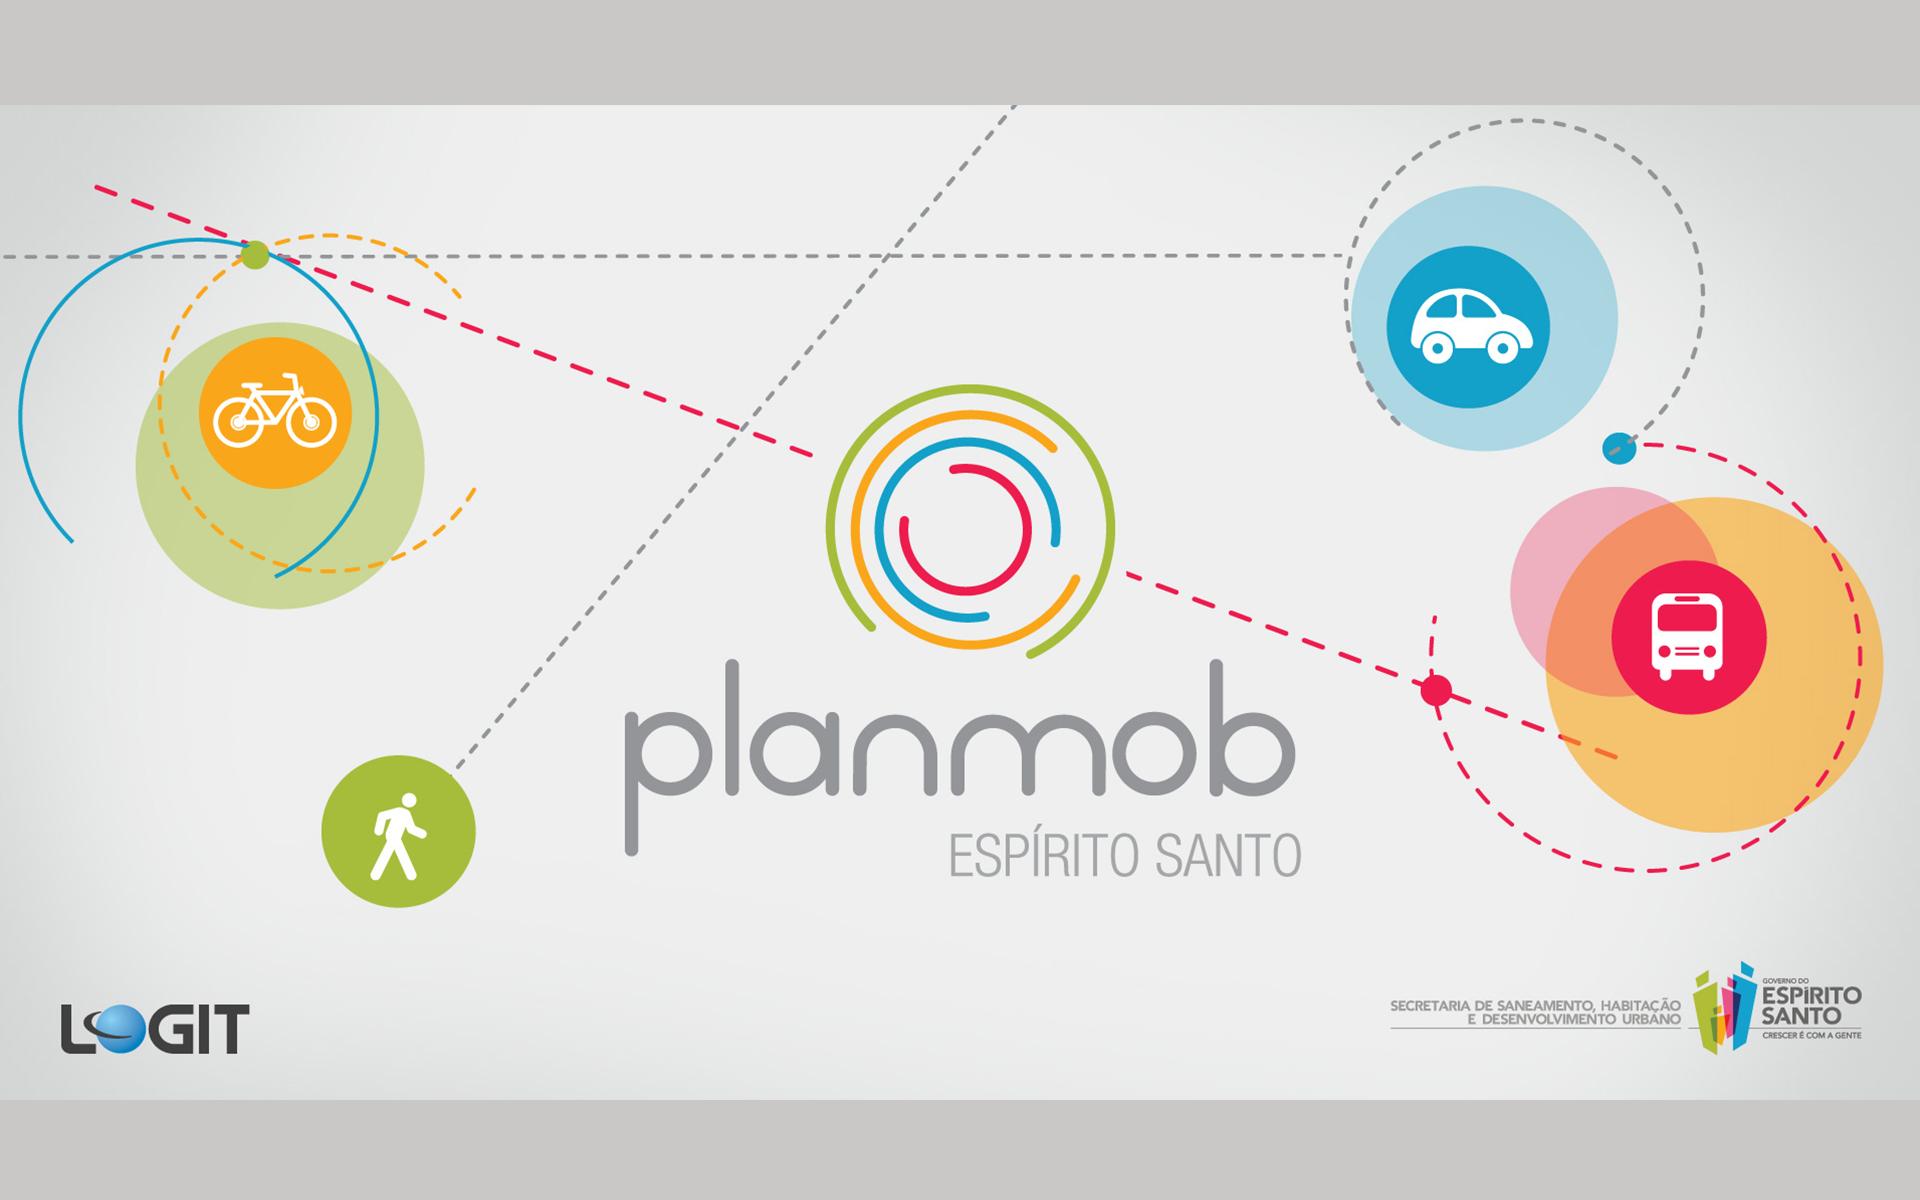 planmob1